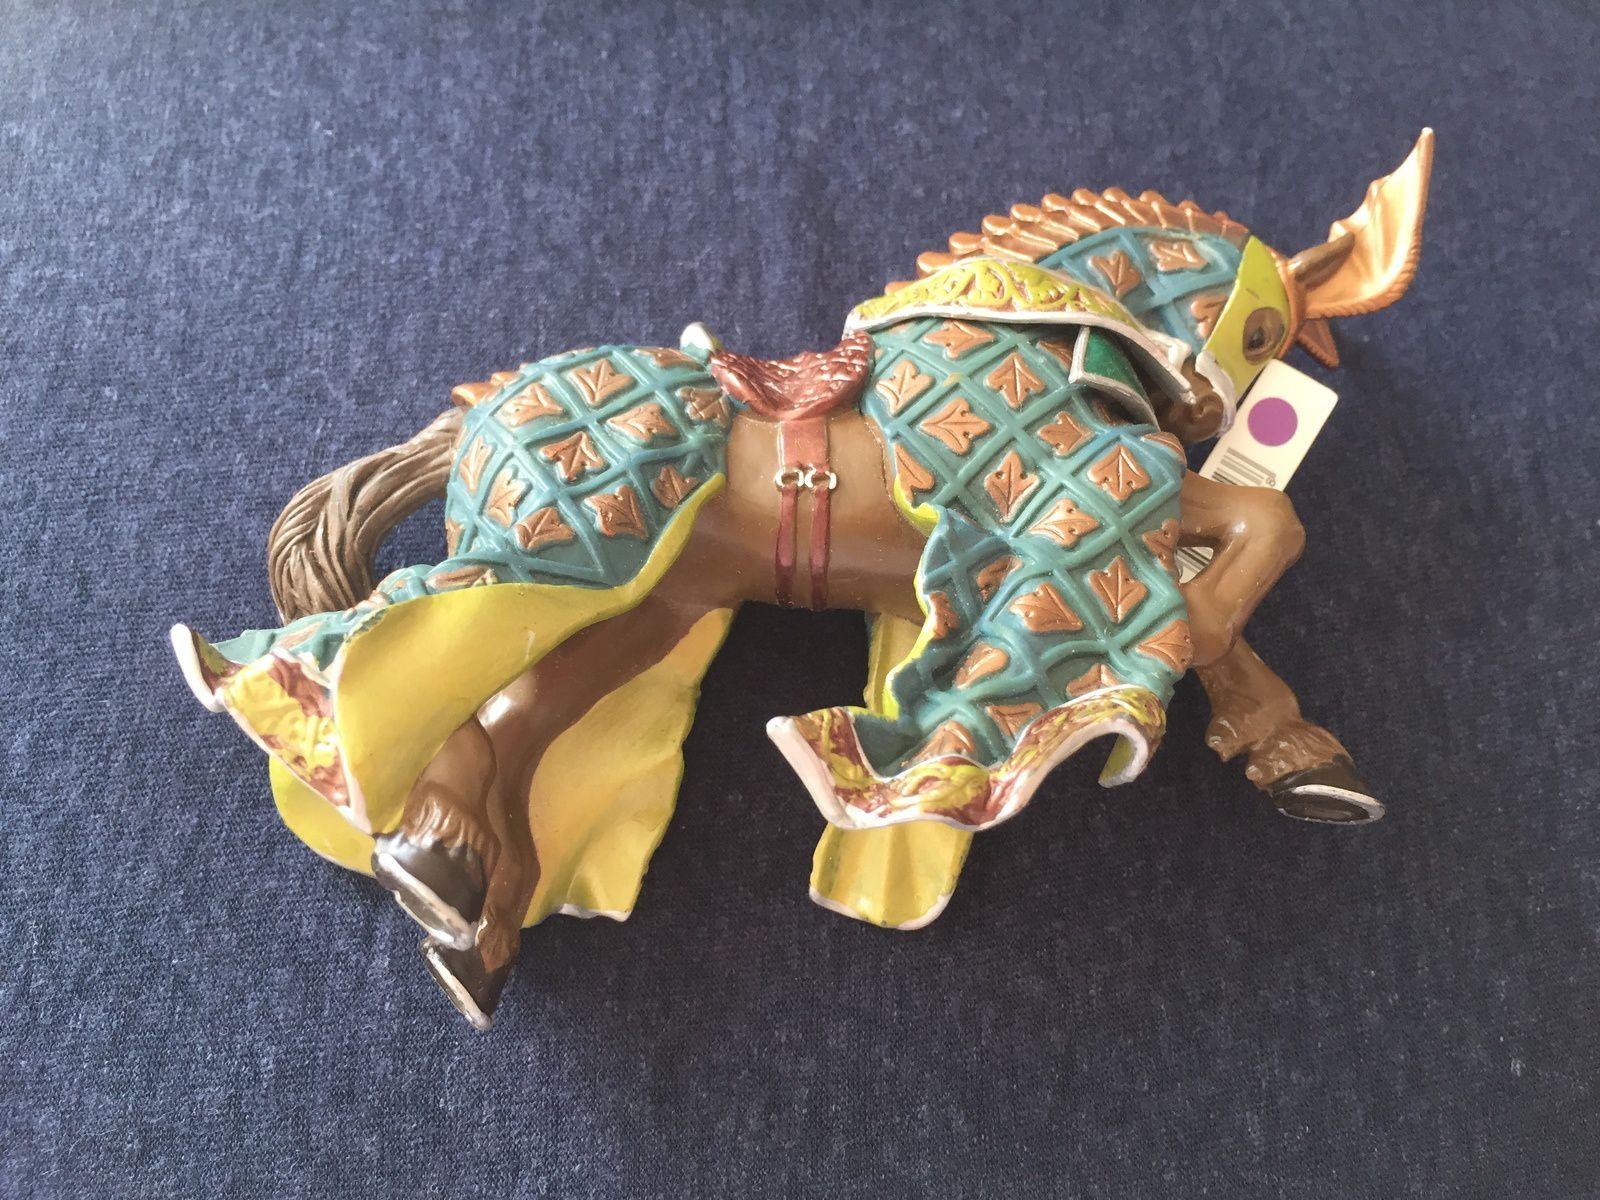 super beau cheval du maître des armes du cimier dragon, médiéval,  cheval marron, heaume , armure,   figurine Papo jouet pour enfant, sur charltteblabla blog